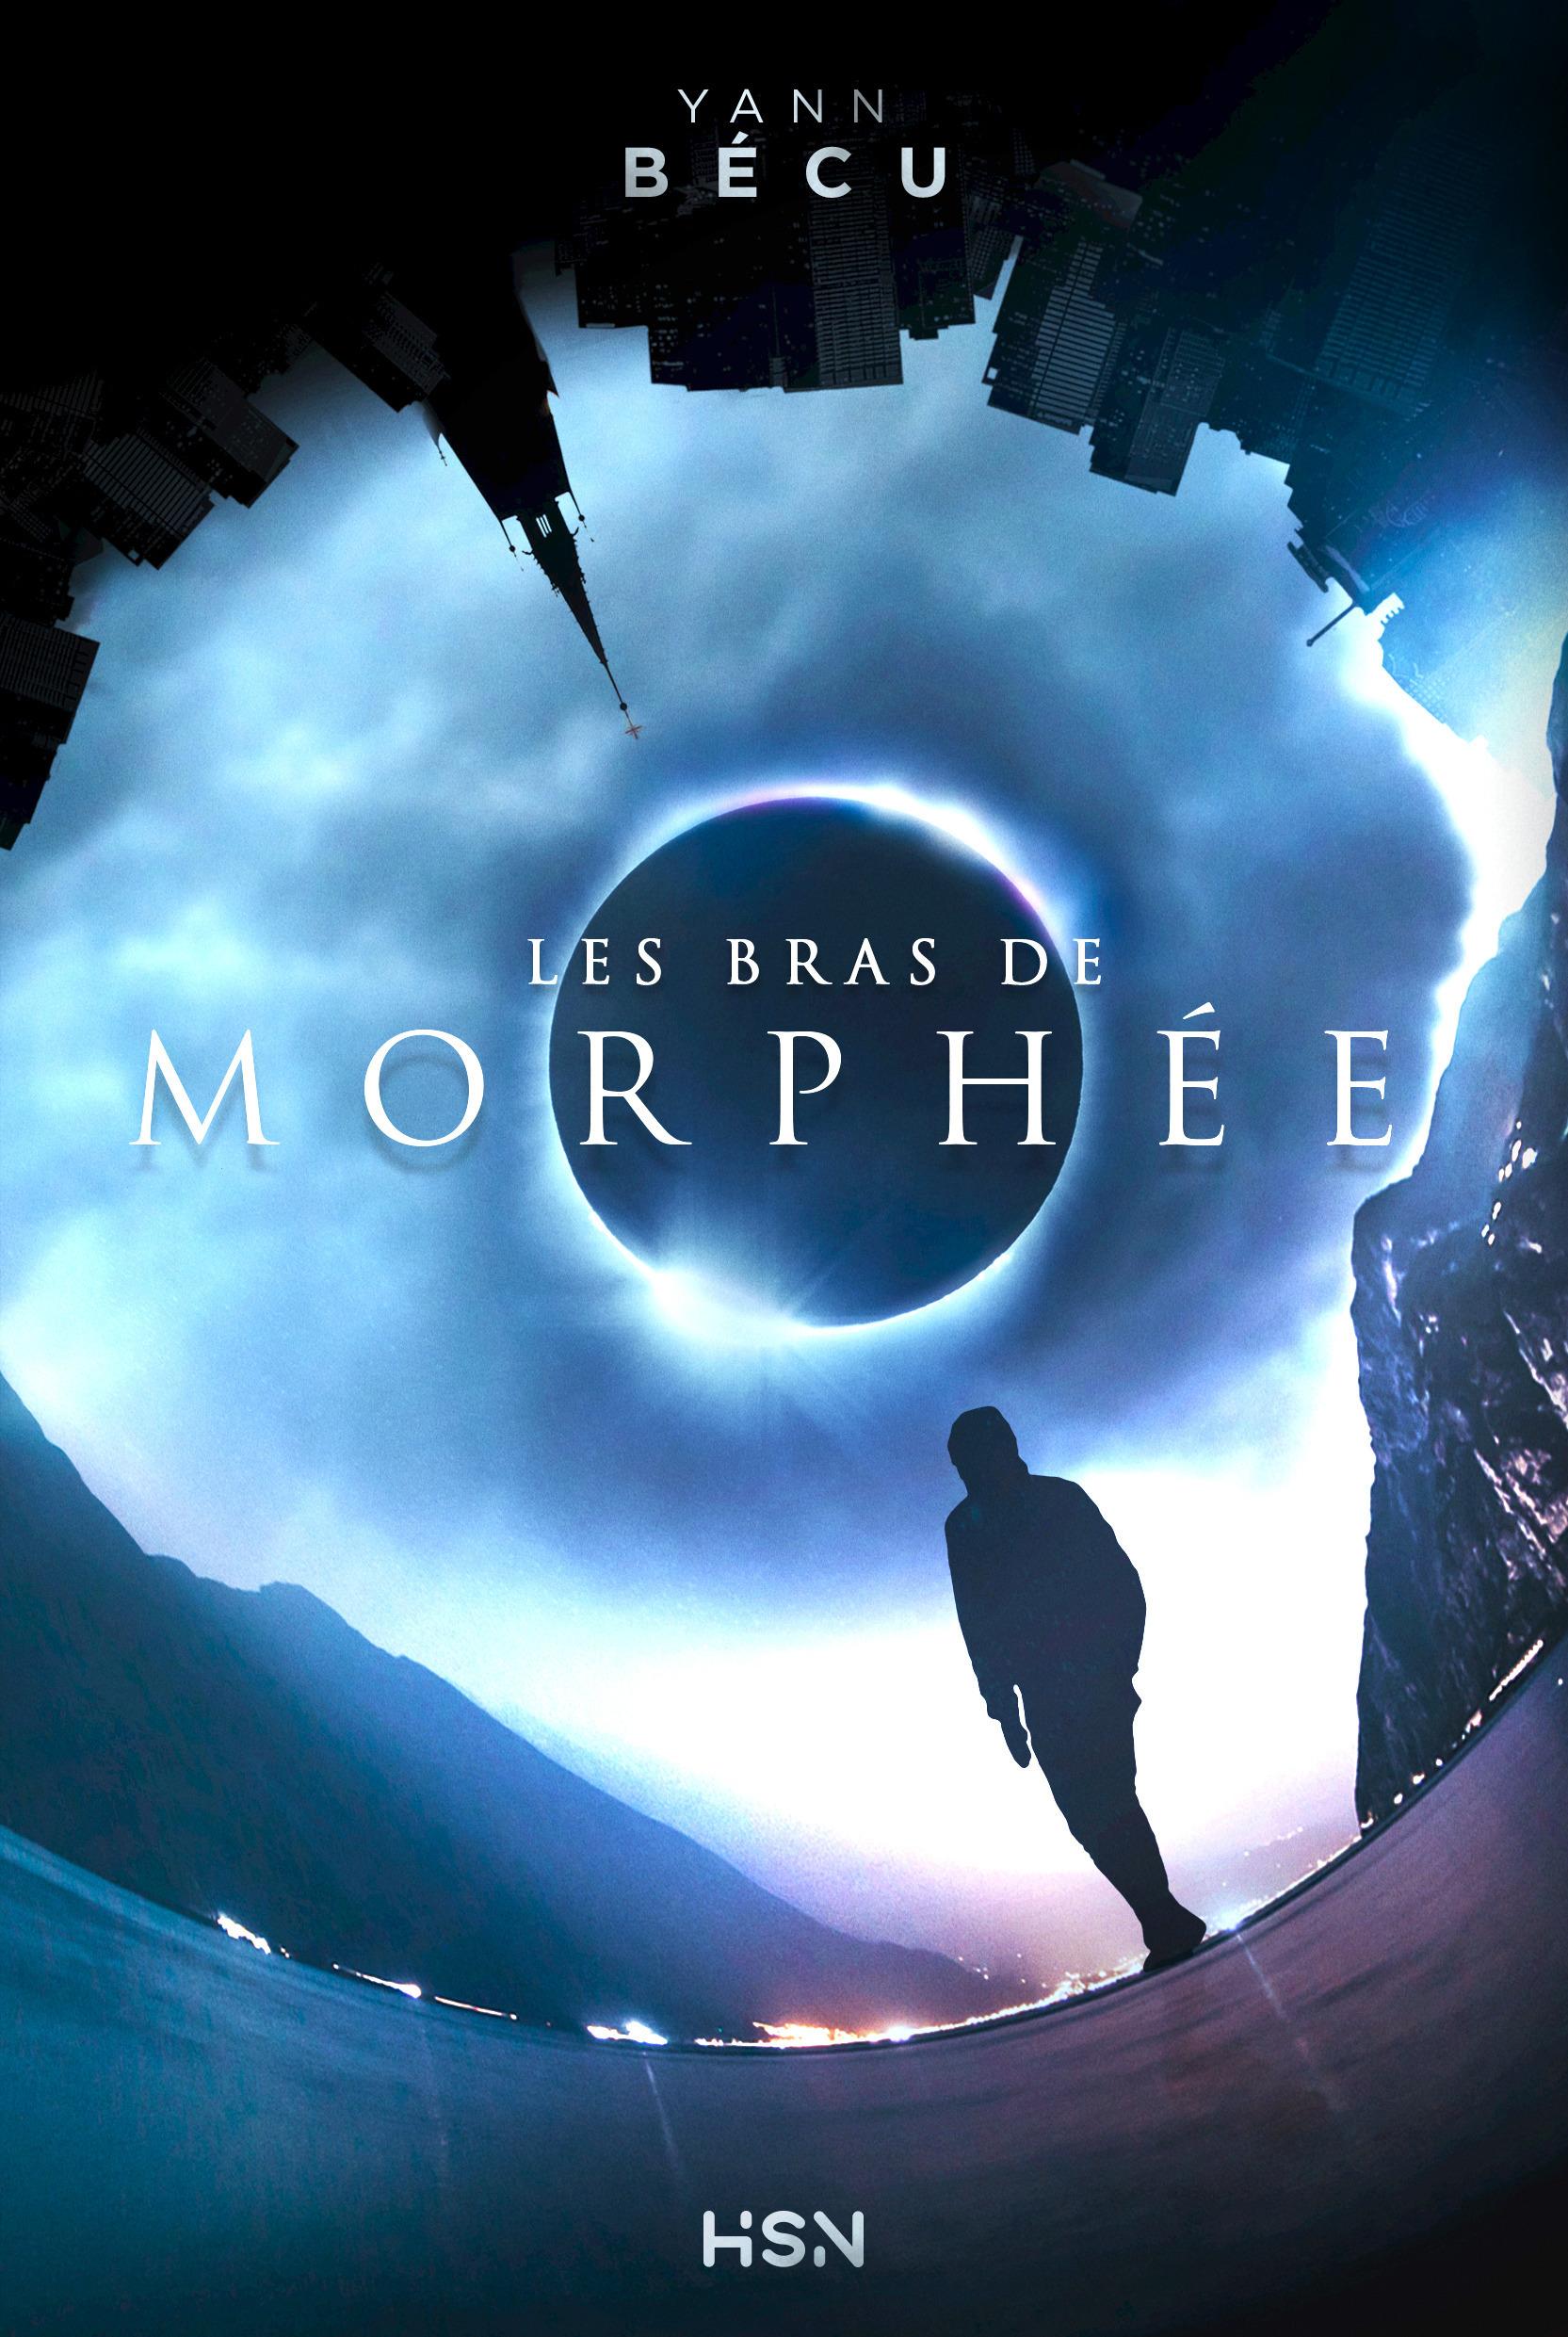 Les bras de Morphée